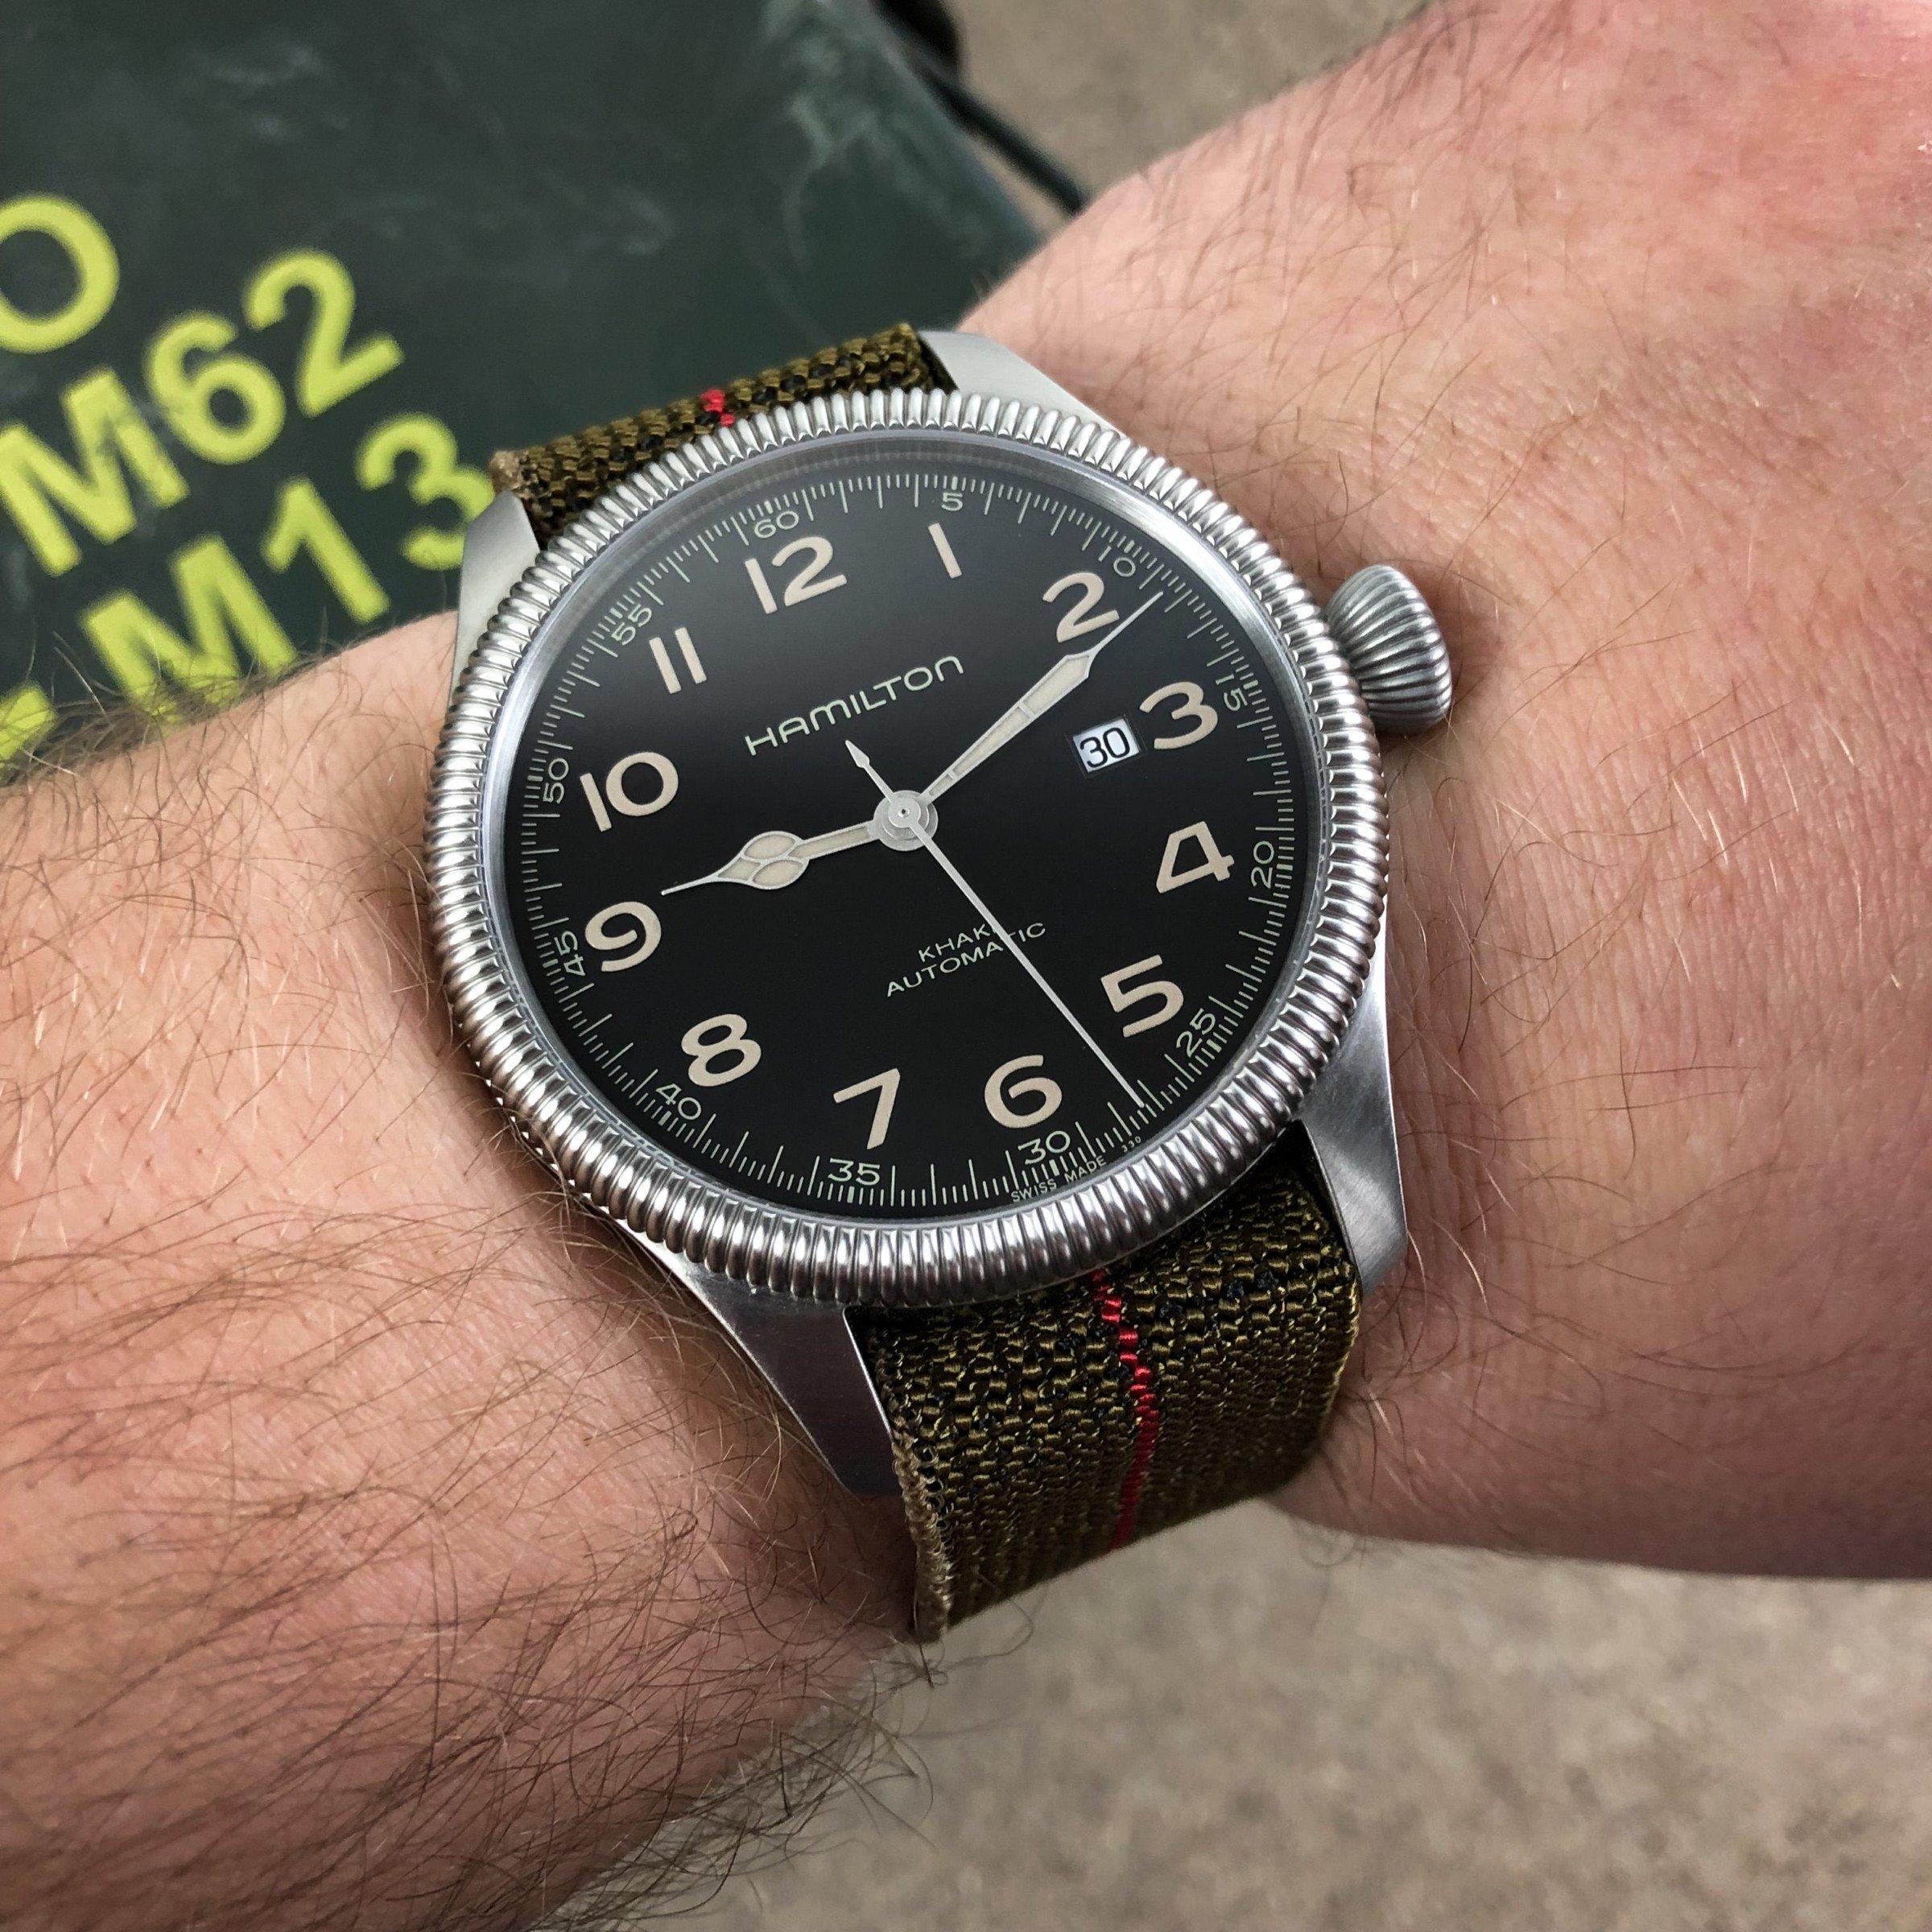 Field Watch Militäruhr Erikas MN Strap